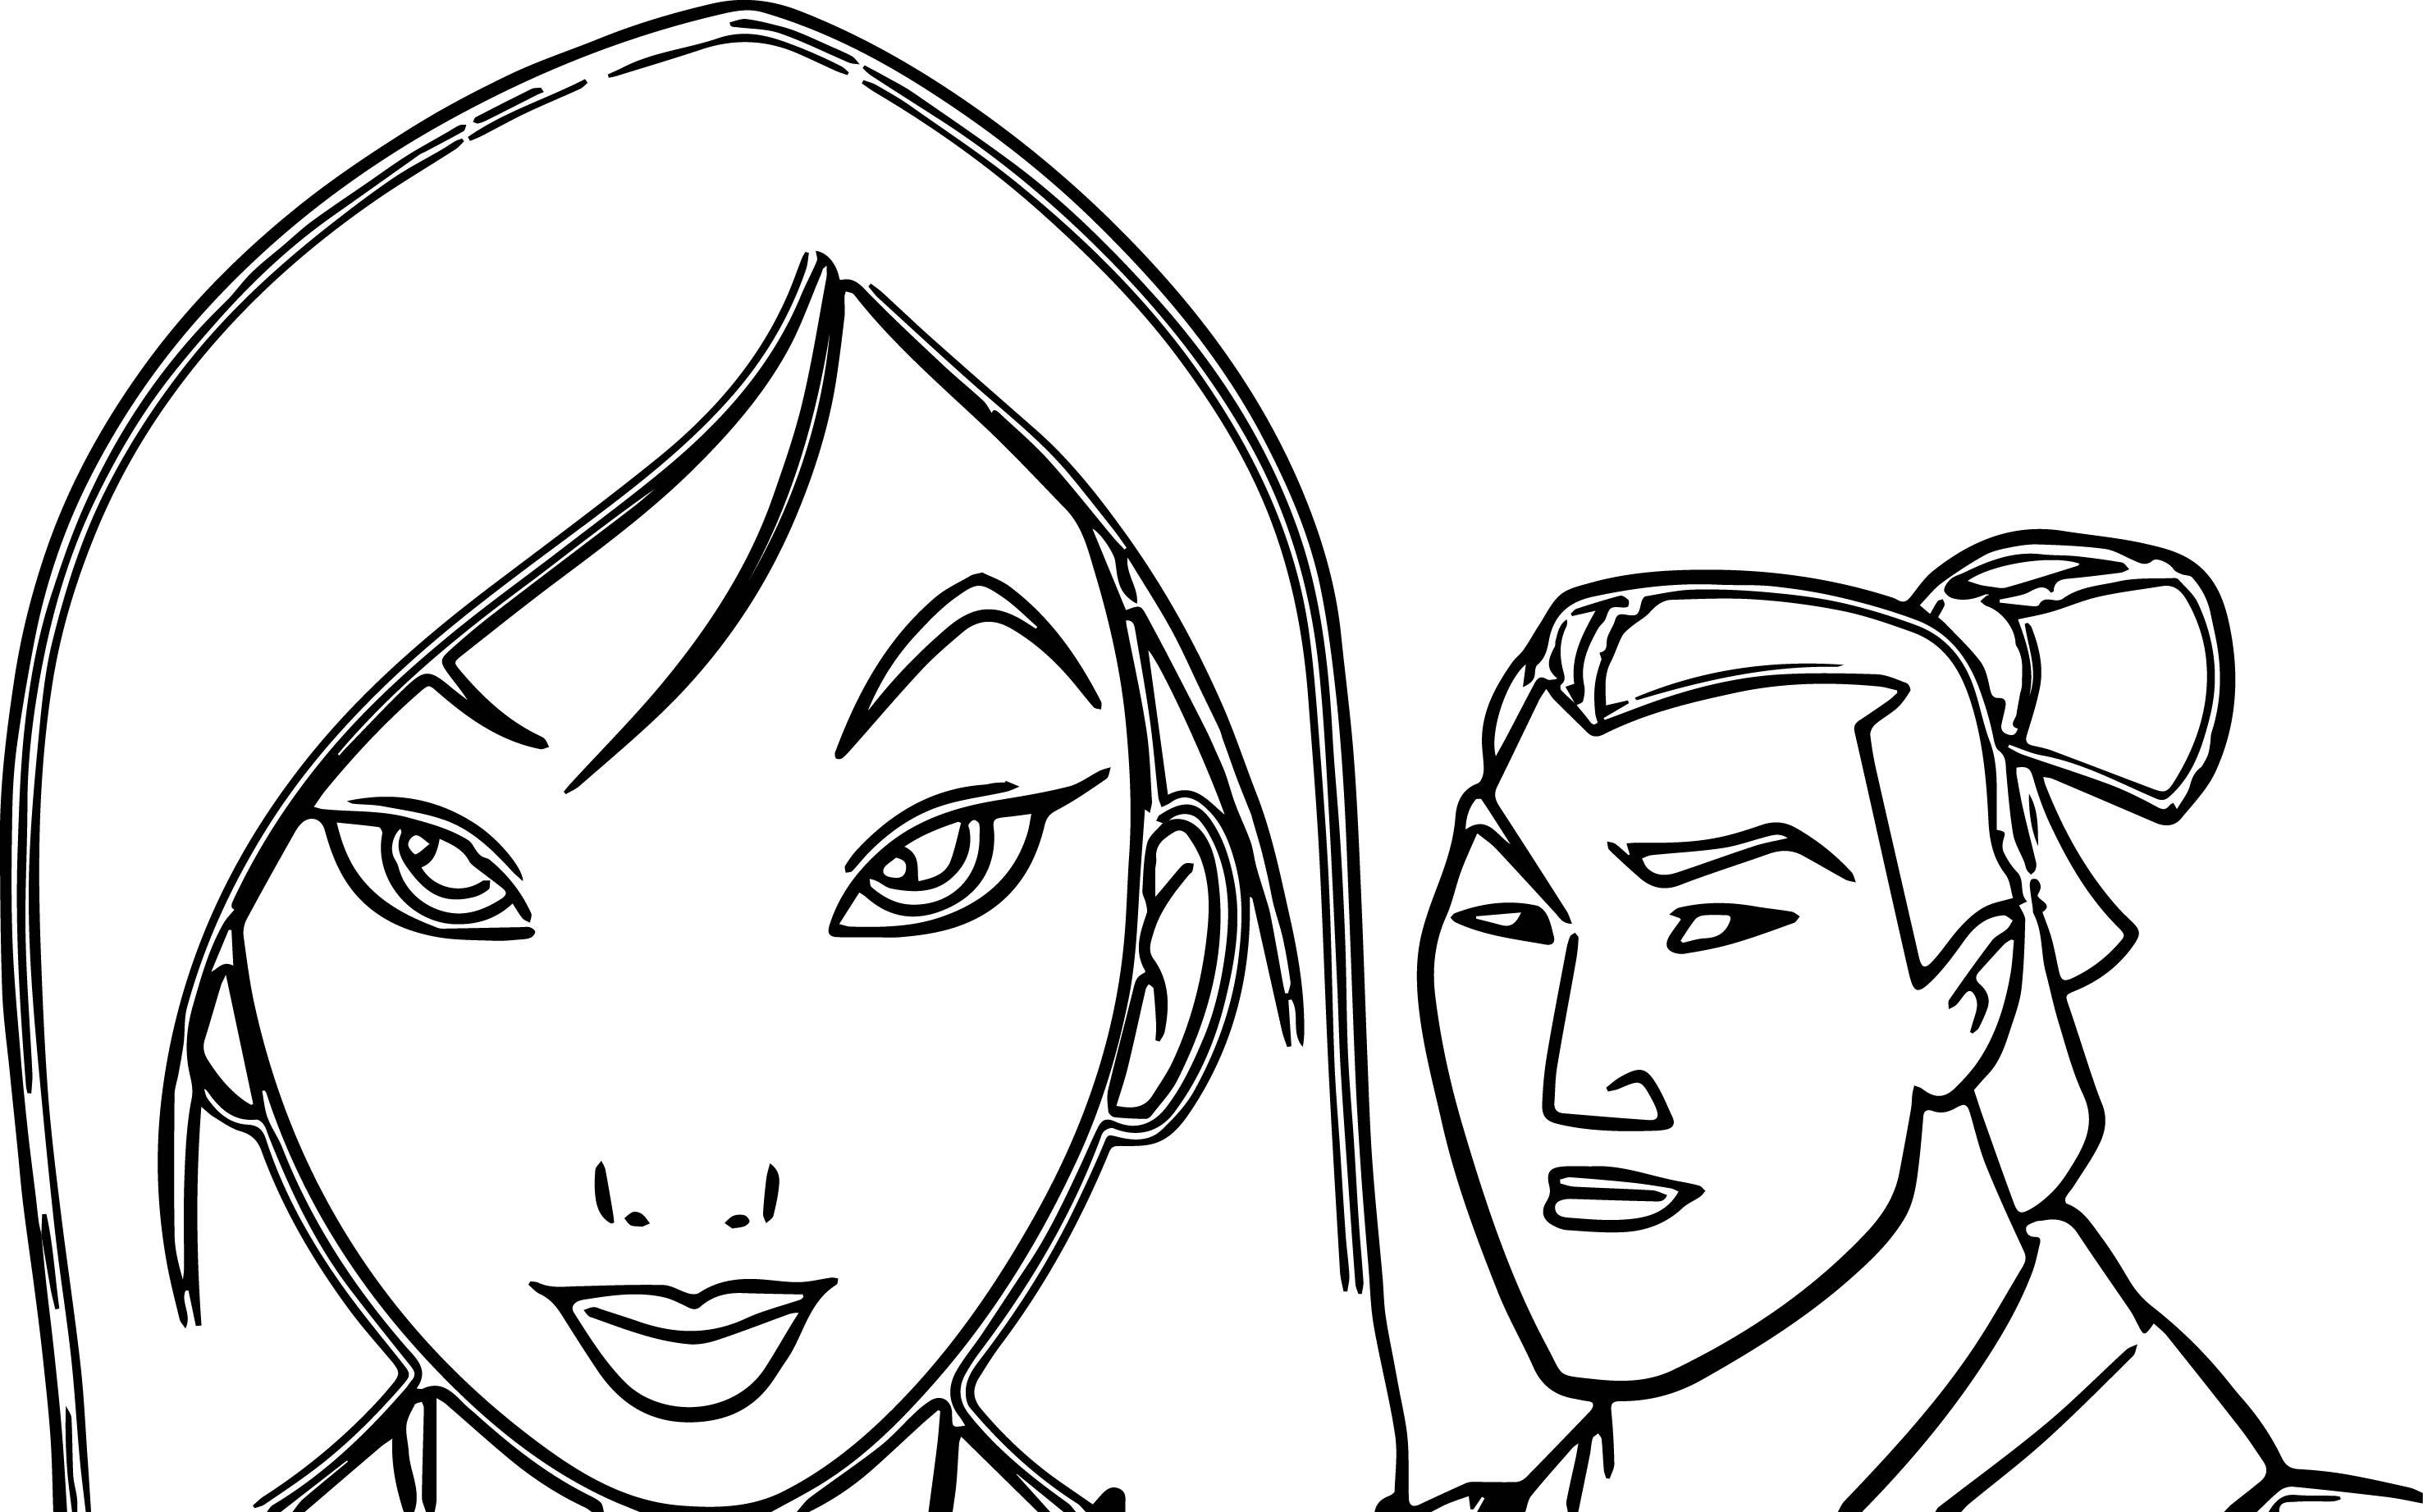 Shan coloring #3, Download drawings